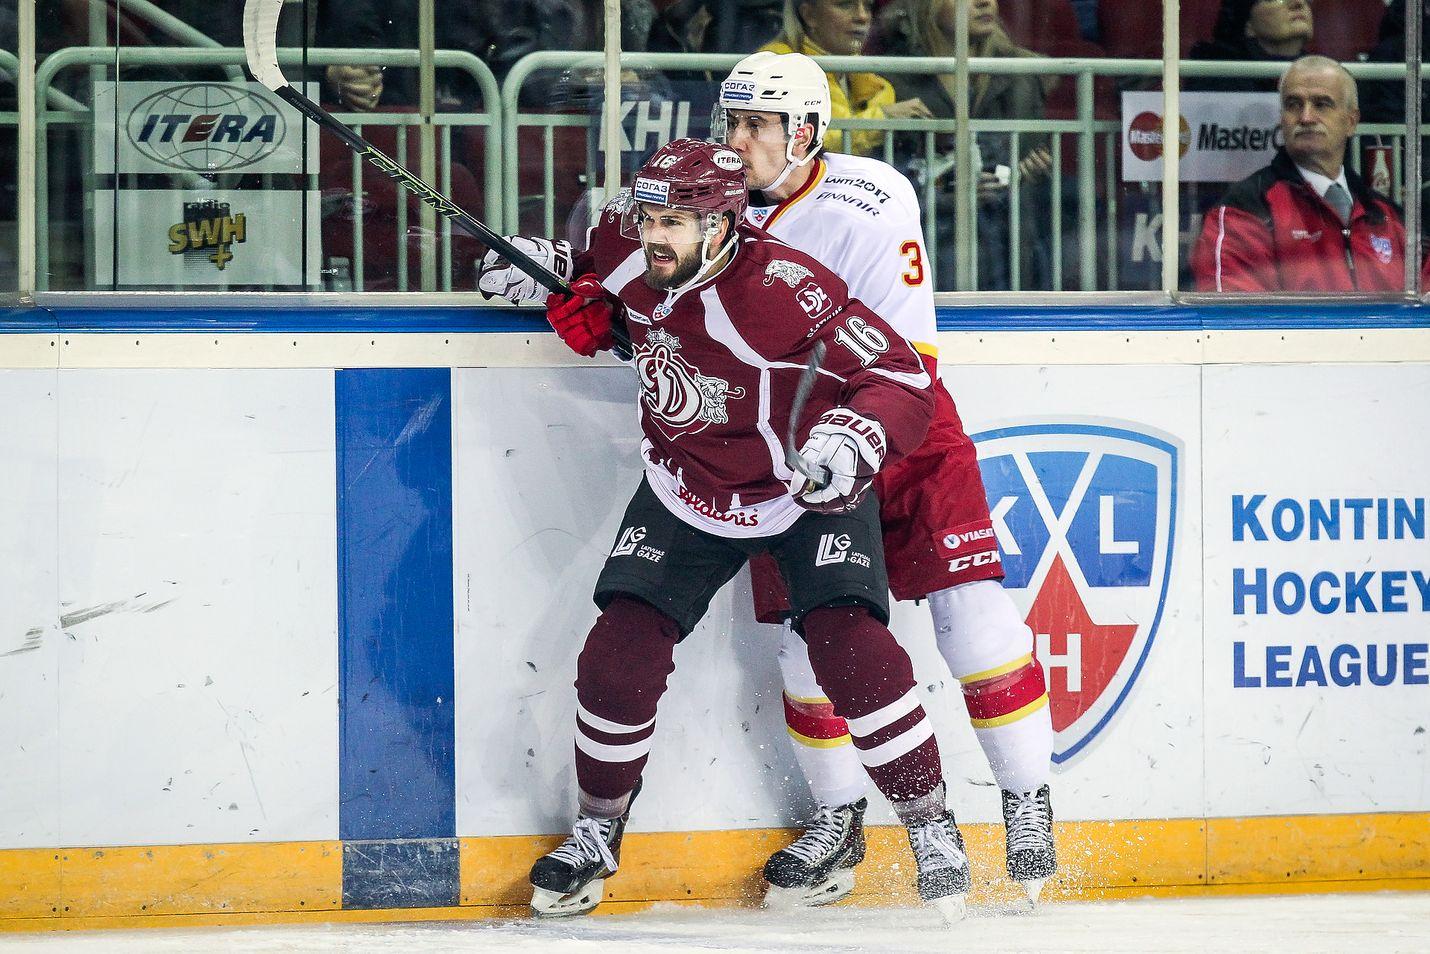 Steven Seigo palaa suomalaisiin kaukaloihin. Kuluvan kauden KHL:ää Riian Dinamossa pelannut puolustaja siirtyy Lukkoon.